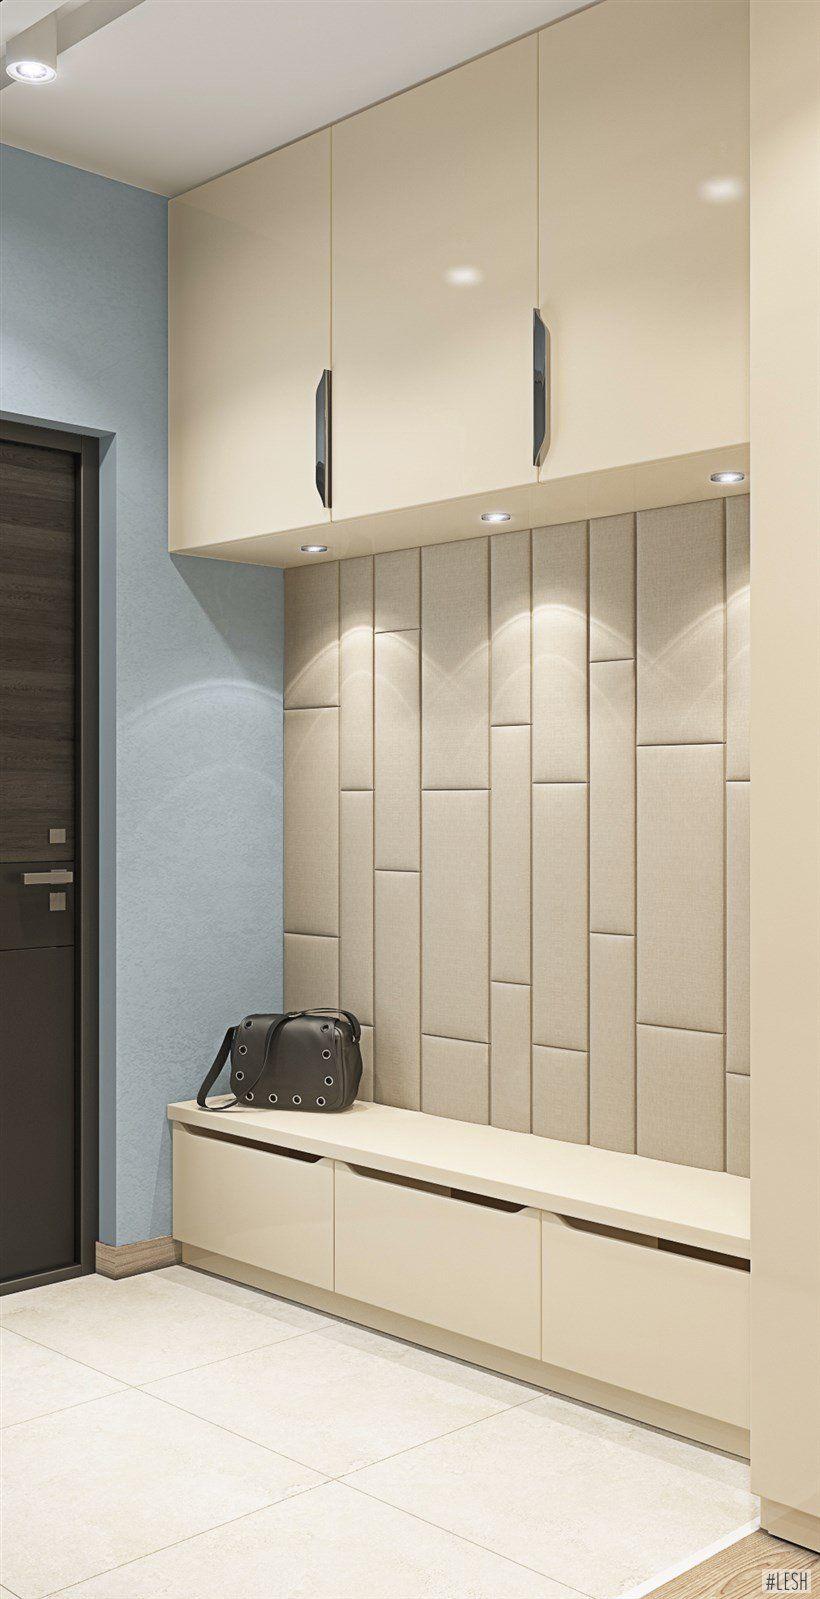 Hallway coat closet  stellazhsantresolyamig   Ideas Muebles  Pinterest